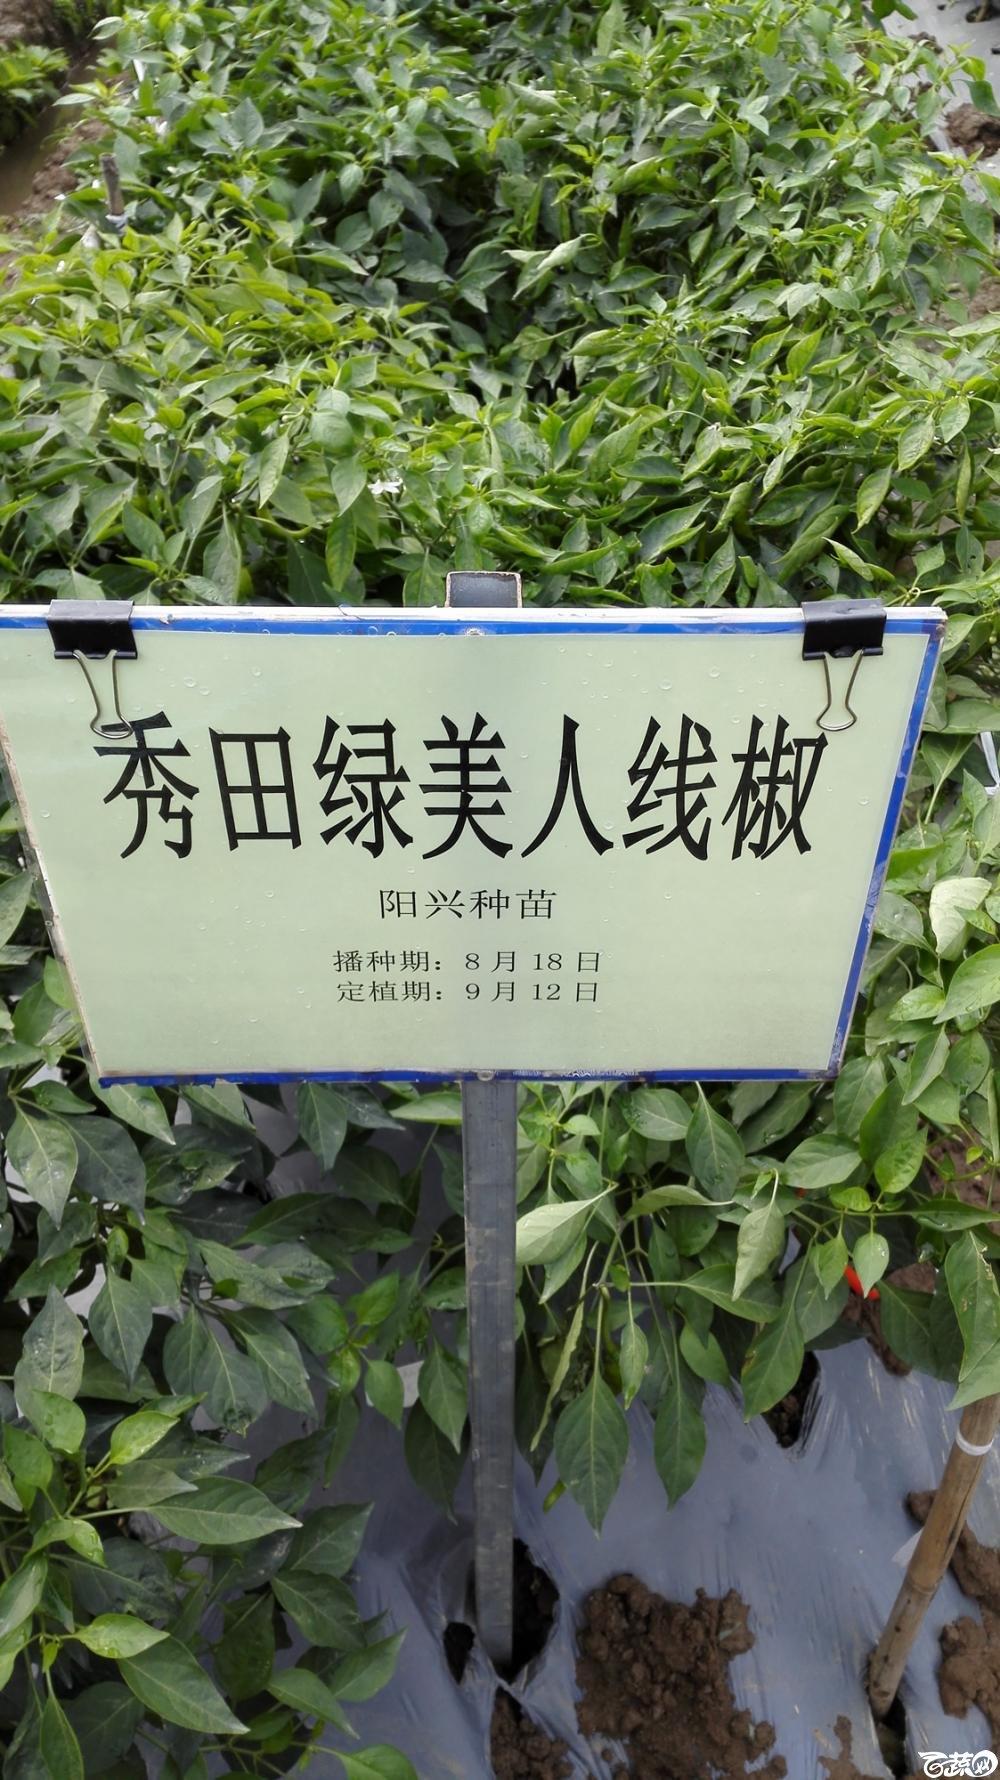 2014年12月8号中山蔬菜新品种展示会_辣椒_253.jpg